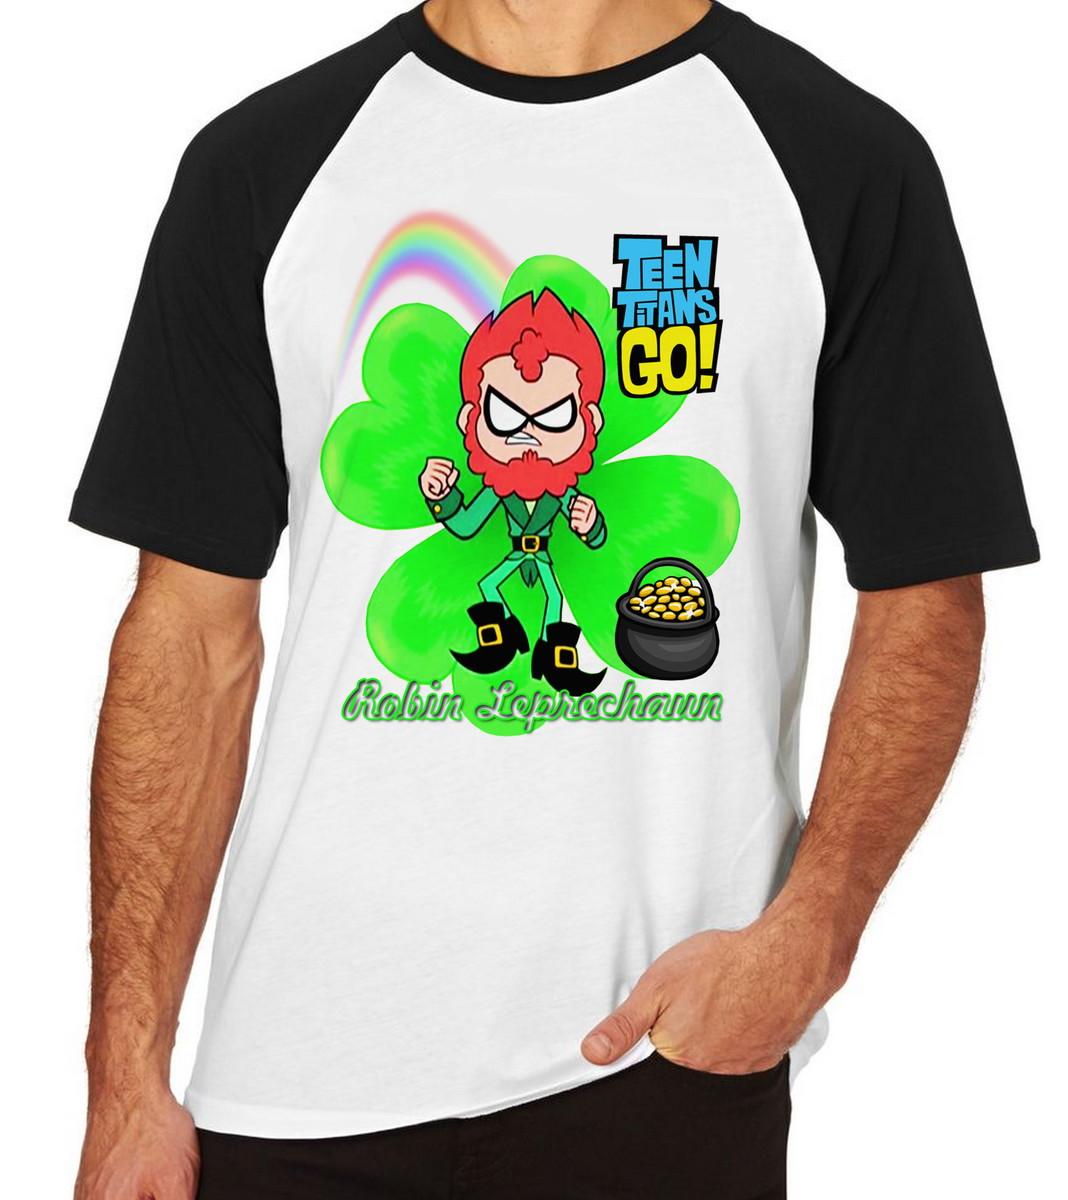 2e50e06b03 Camiseta Raglan Camisa Blusa Robin jovens titãs Leprechaun no Elo7 ...